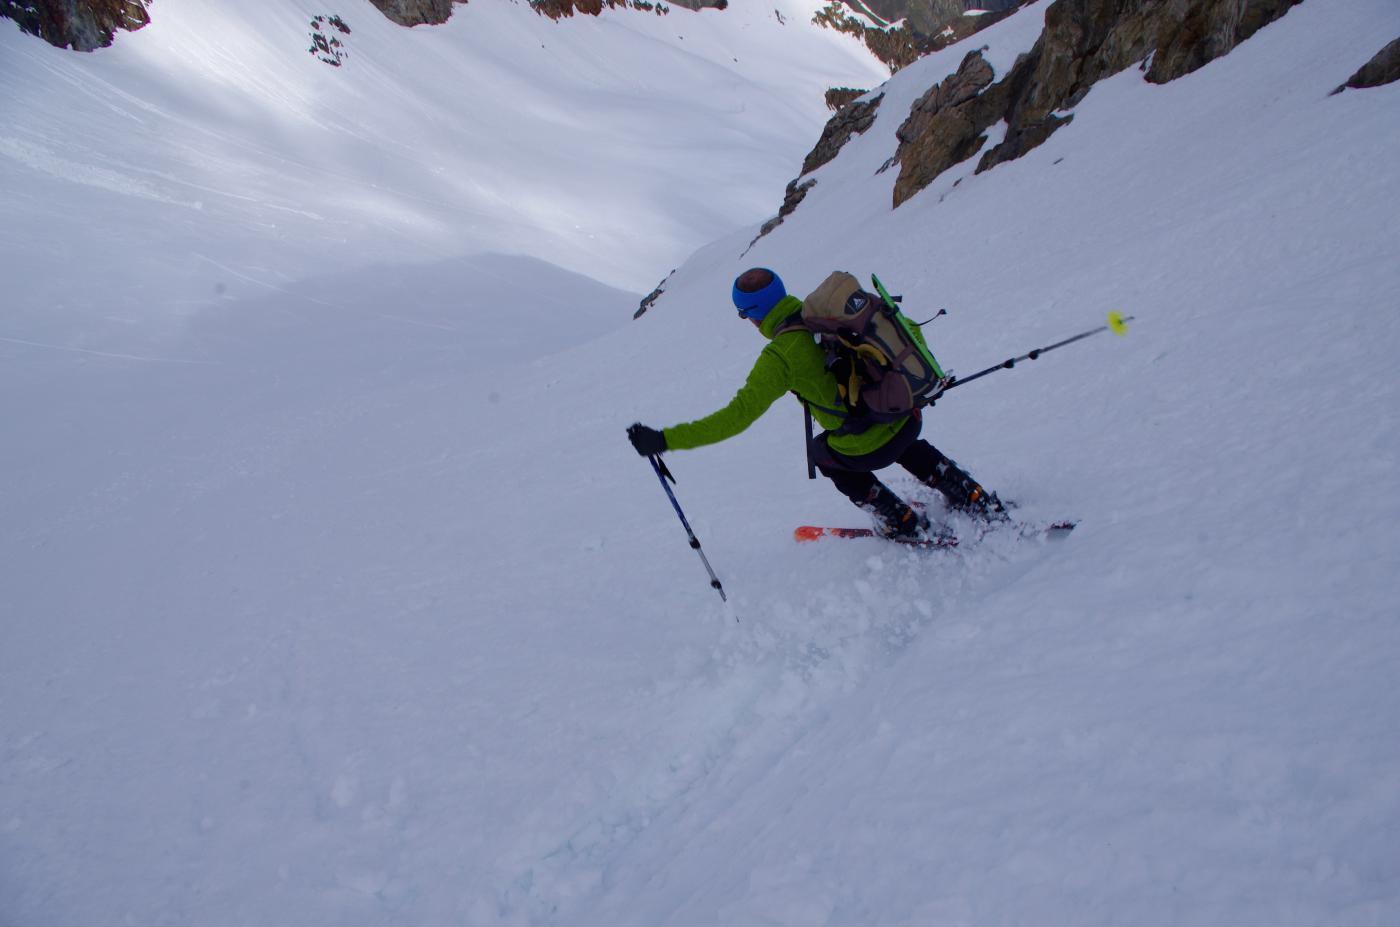 Du gran ski!